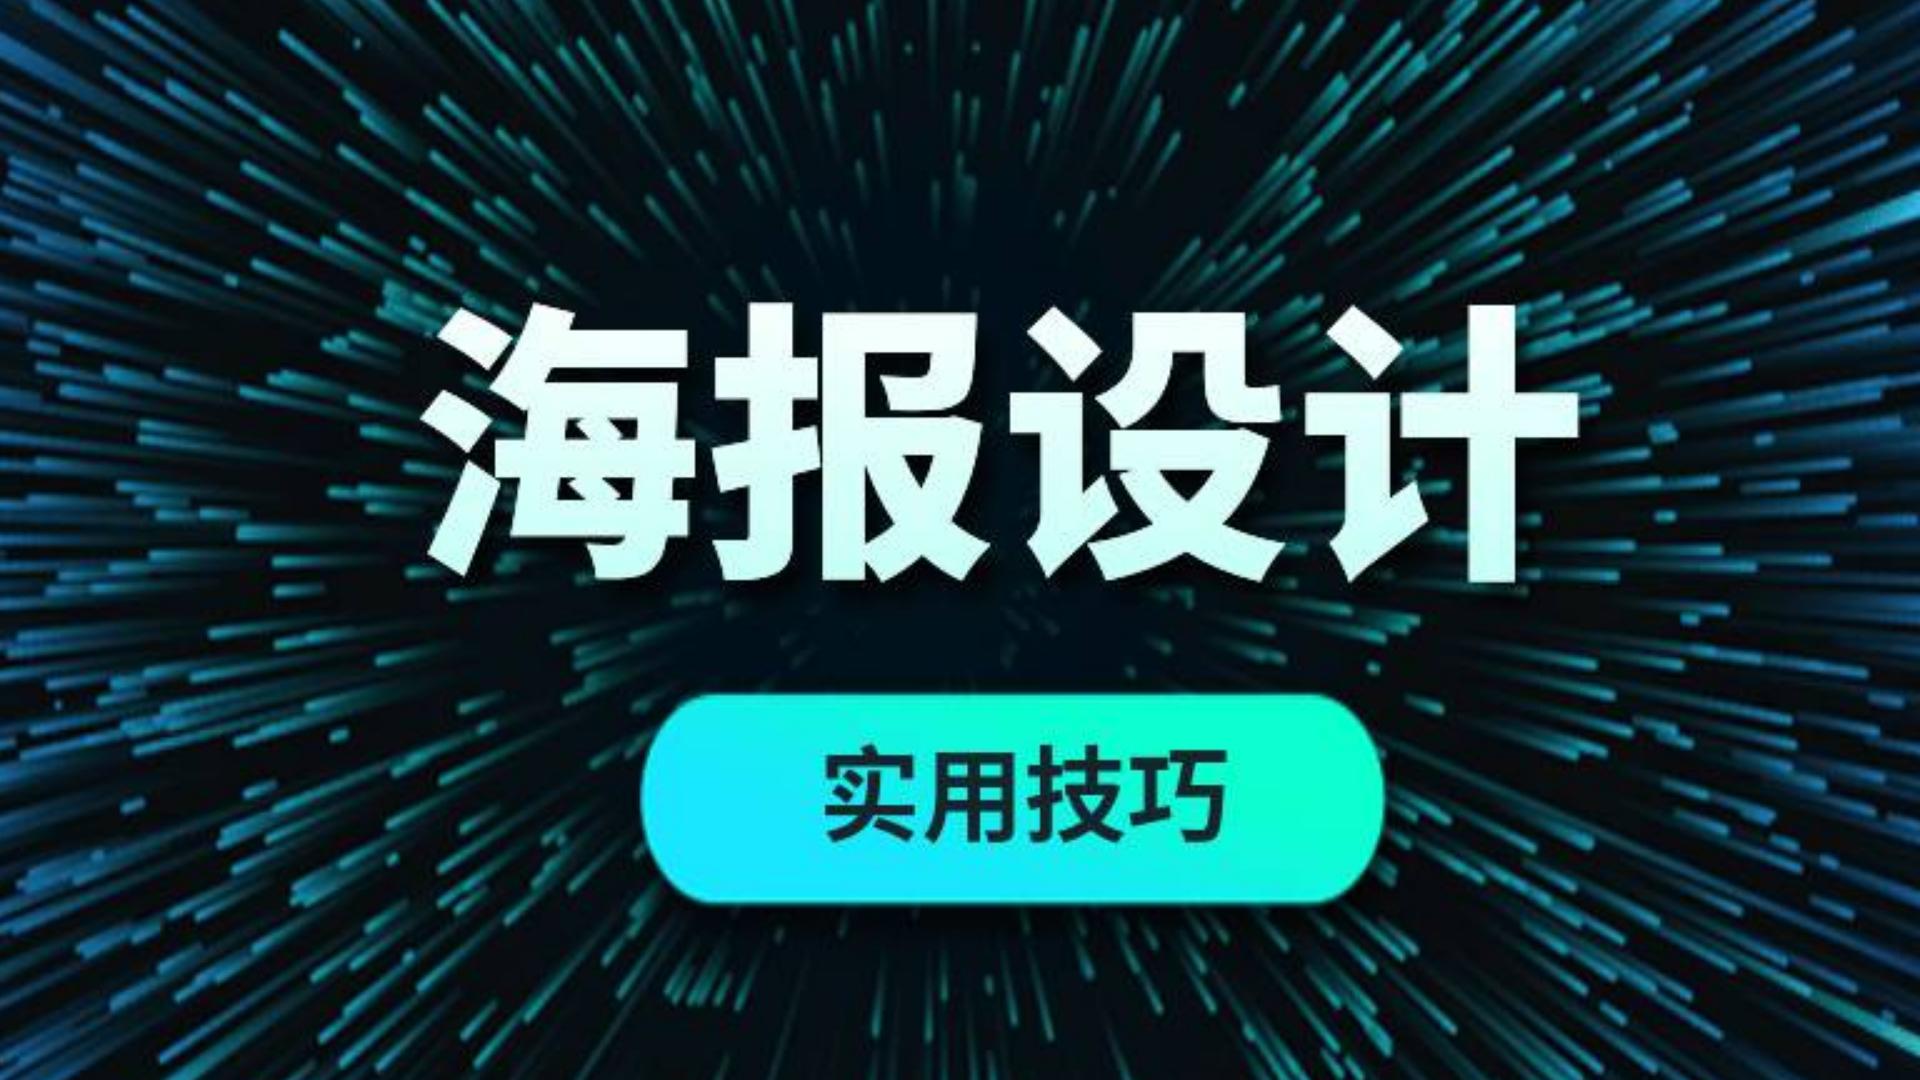 【海报设计】零基础PS制作海报详细步骤!!